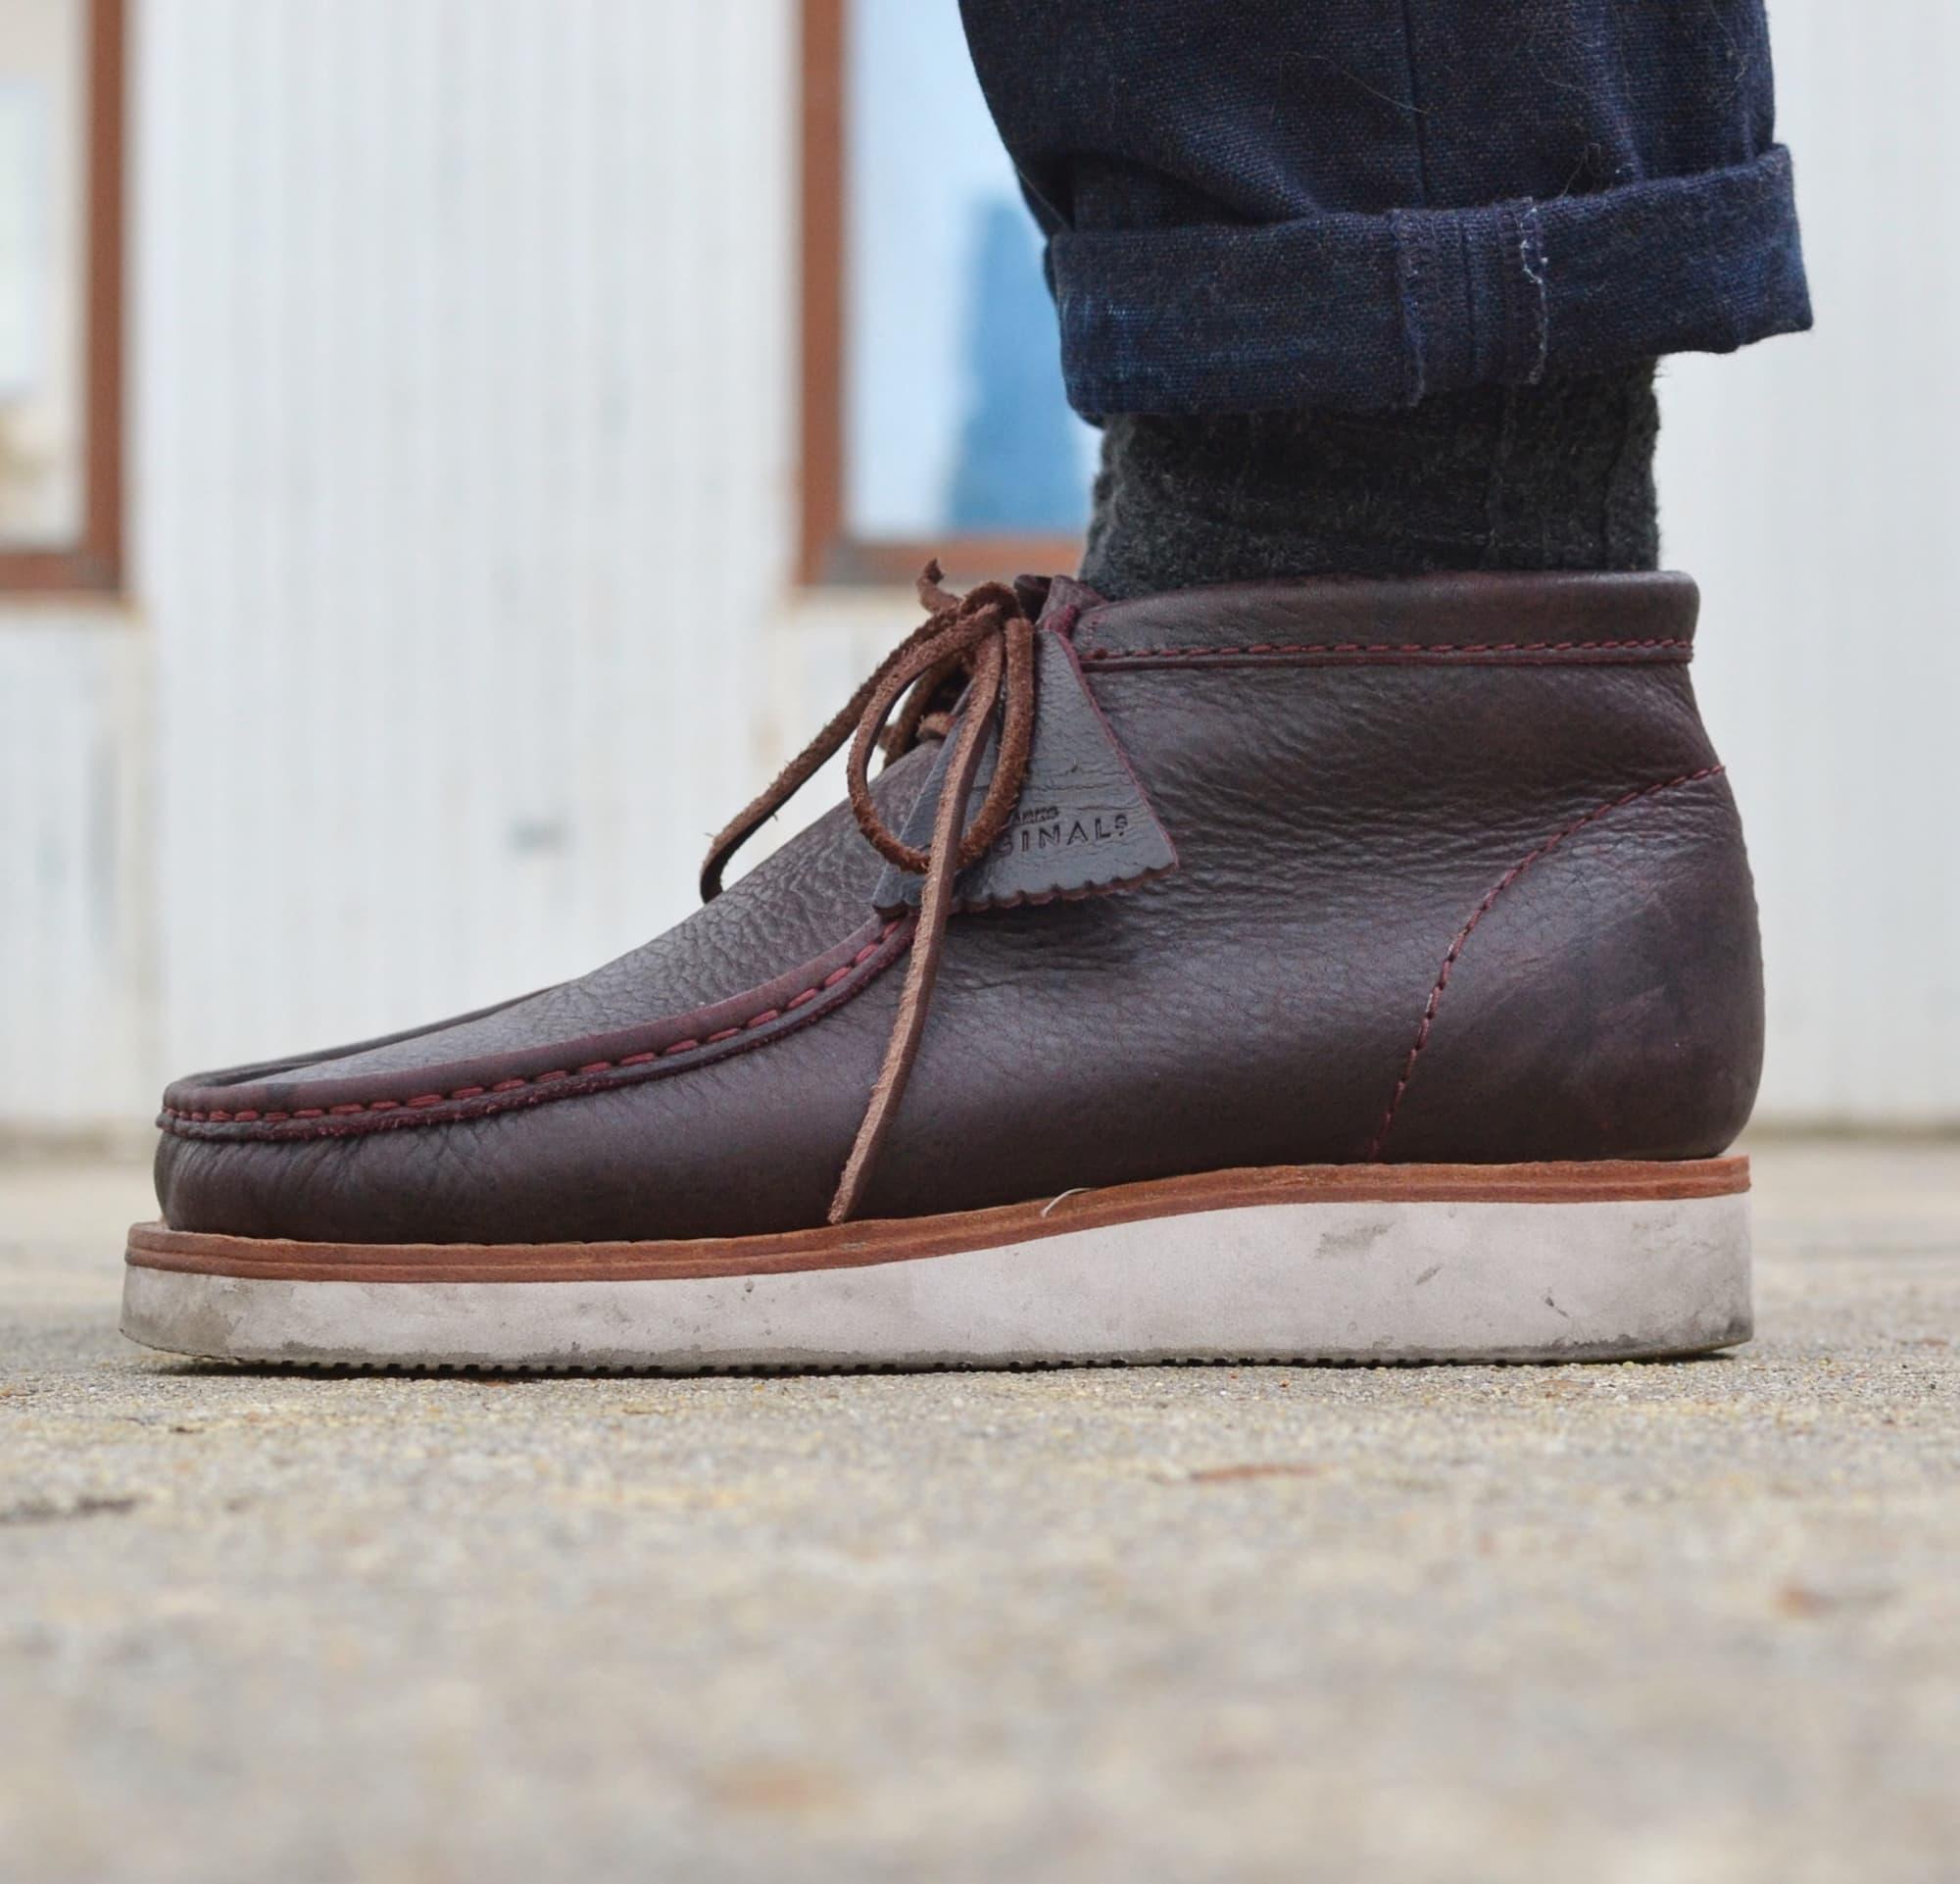 comment porter des Clarks wallabee hike boots burgondy leather & vibram soles